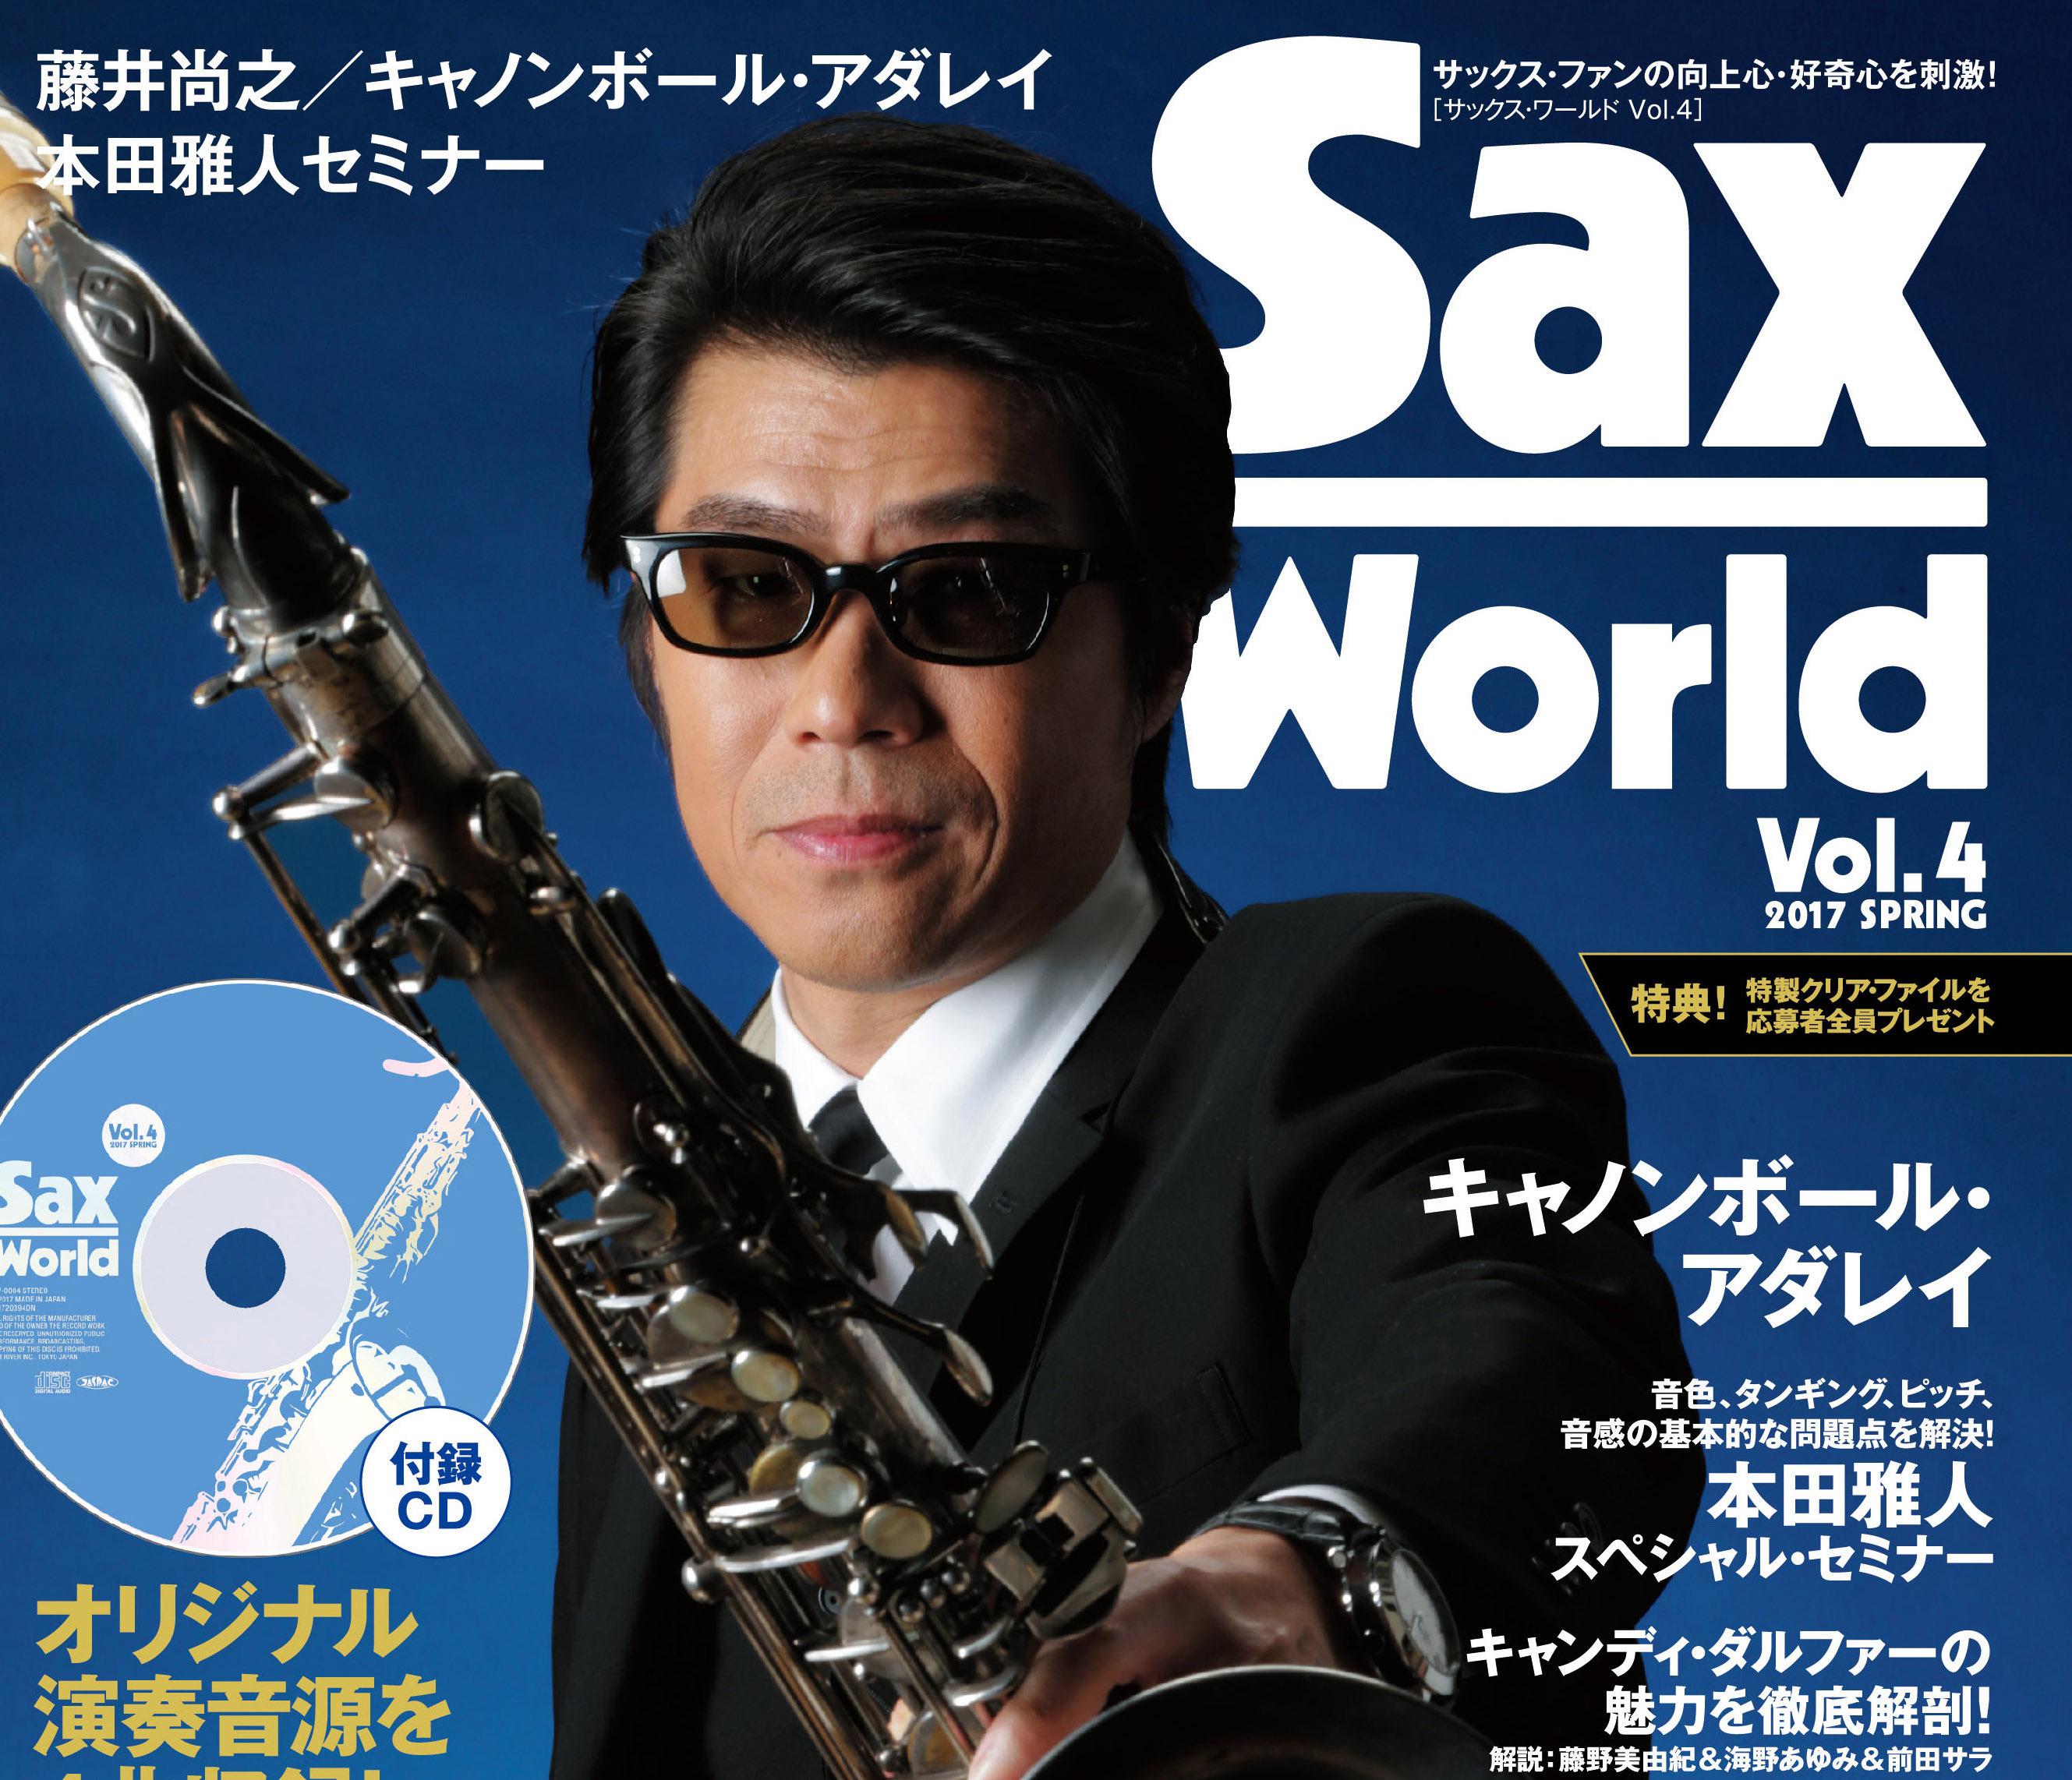 サックス・ワールドVol.4 3/10発売!